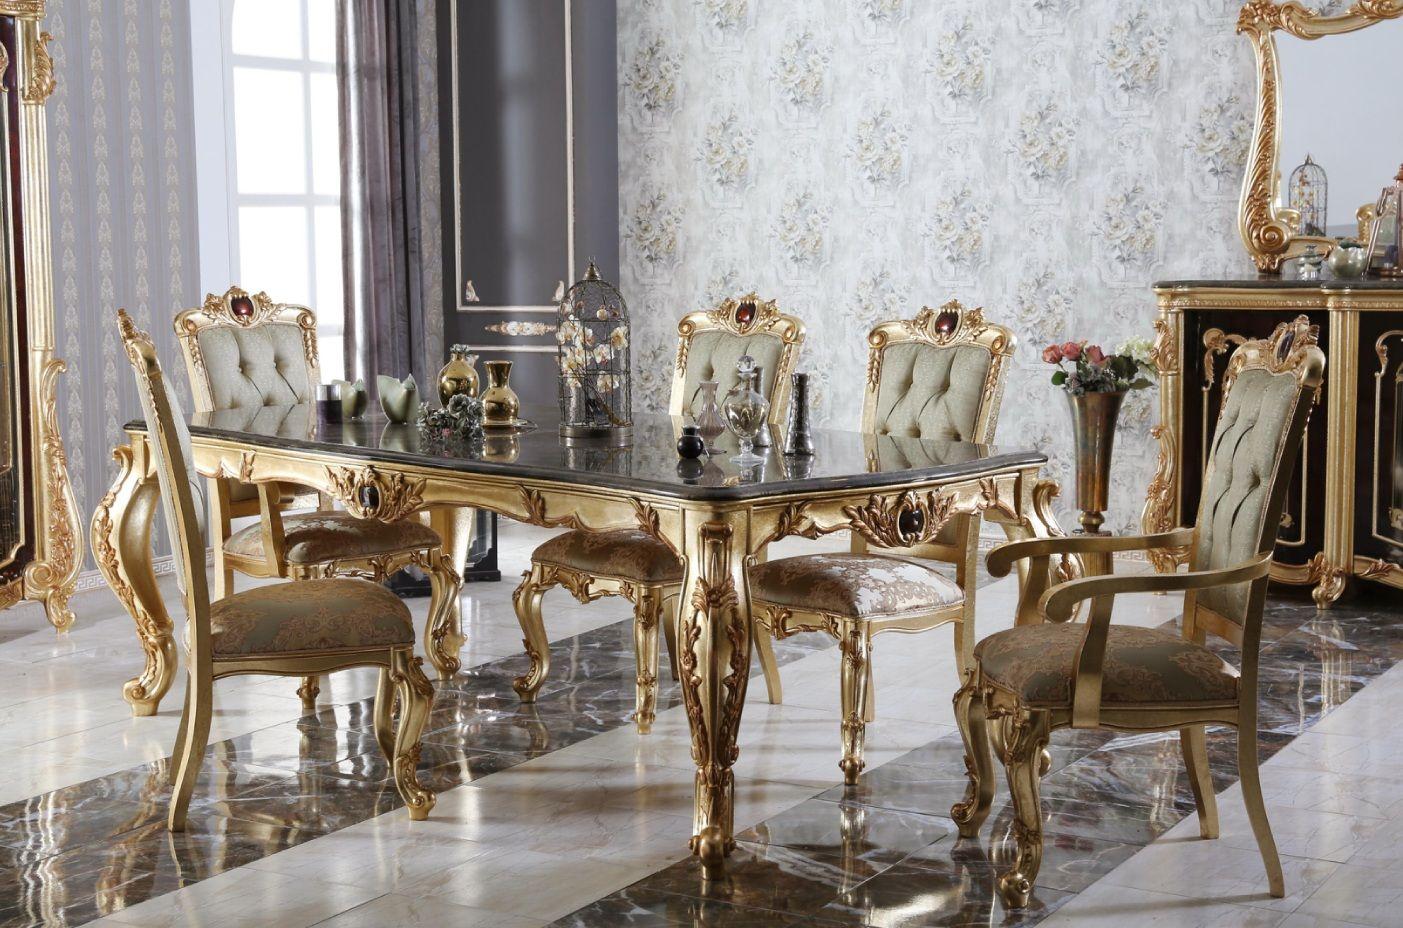 luxury dining room sets. Luxury Dining Room, Rooms, Furniture, Sets Room